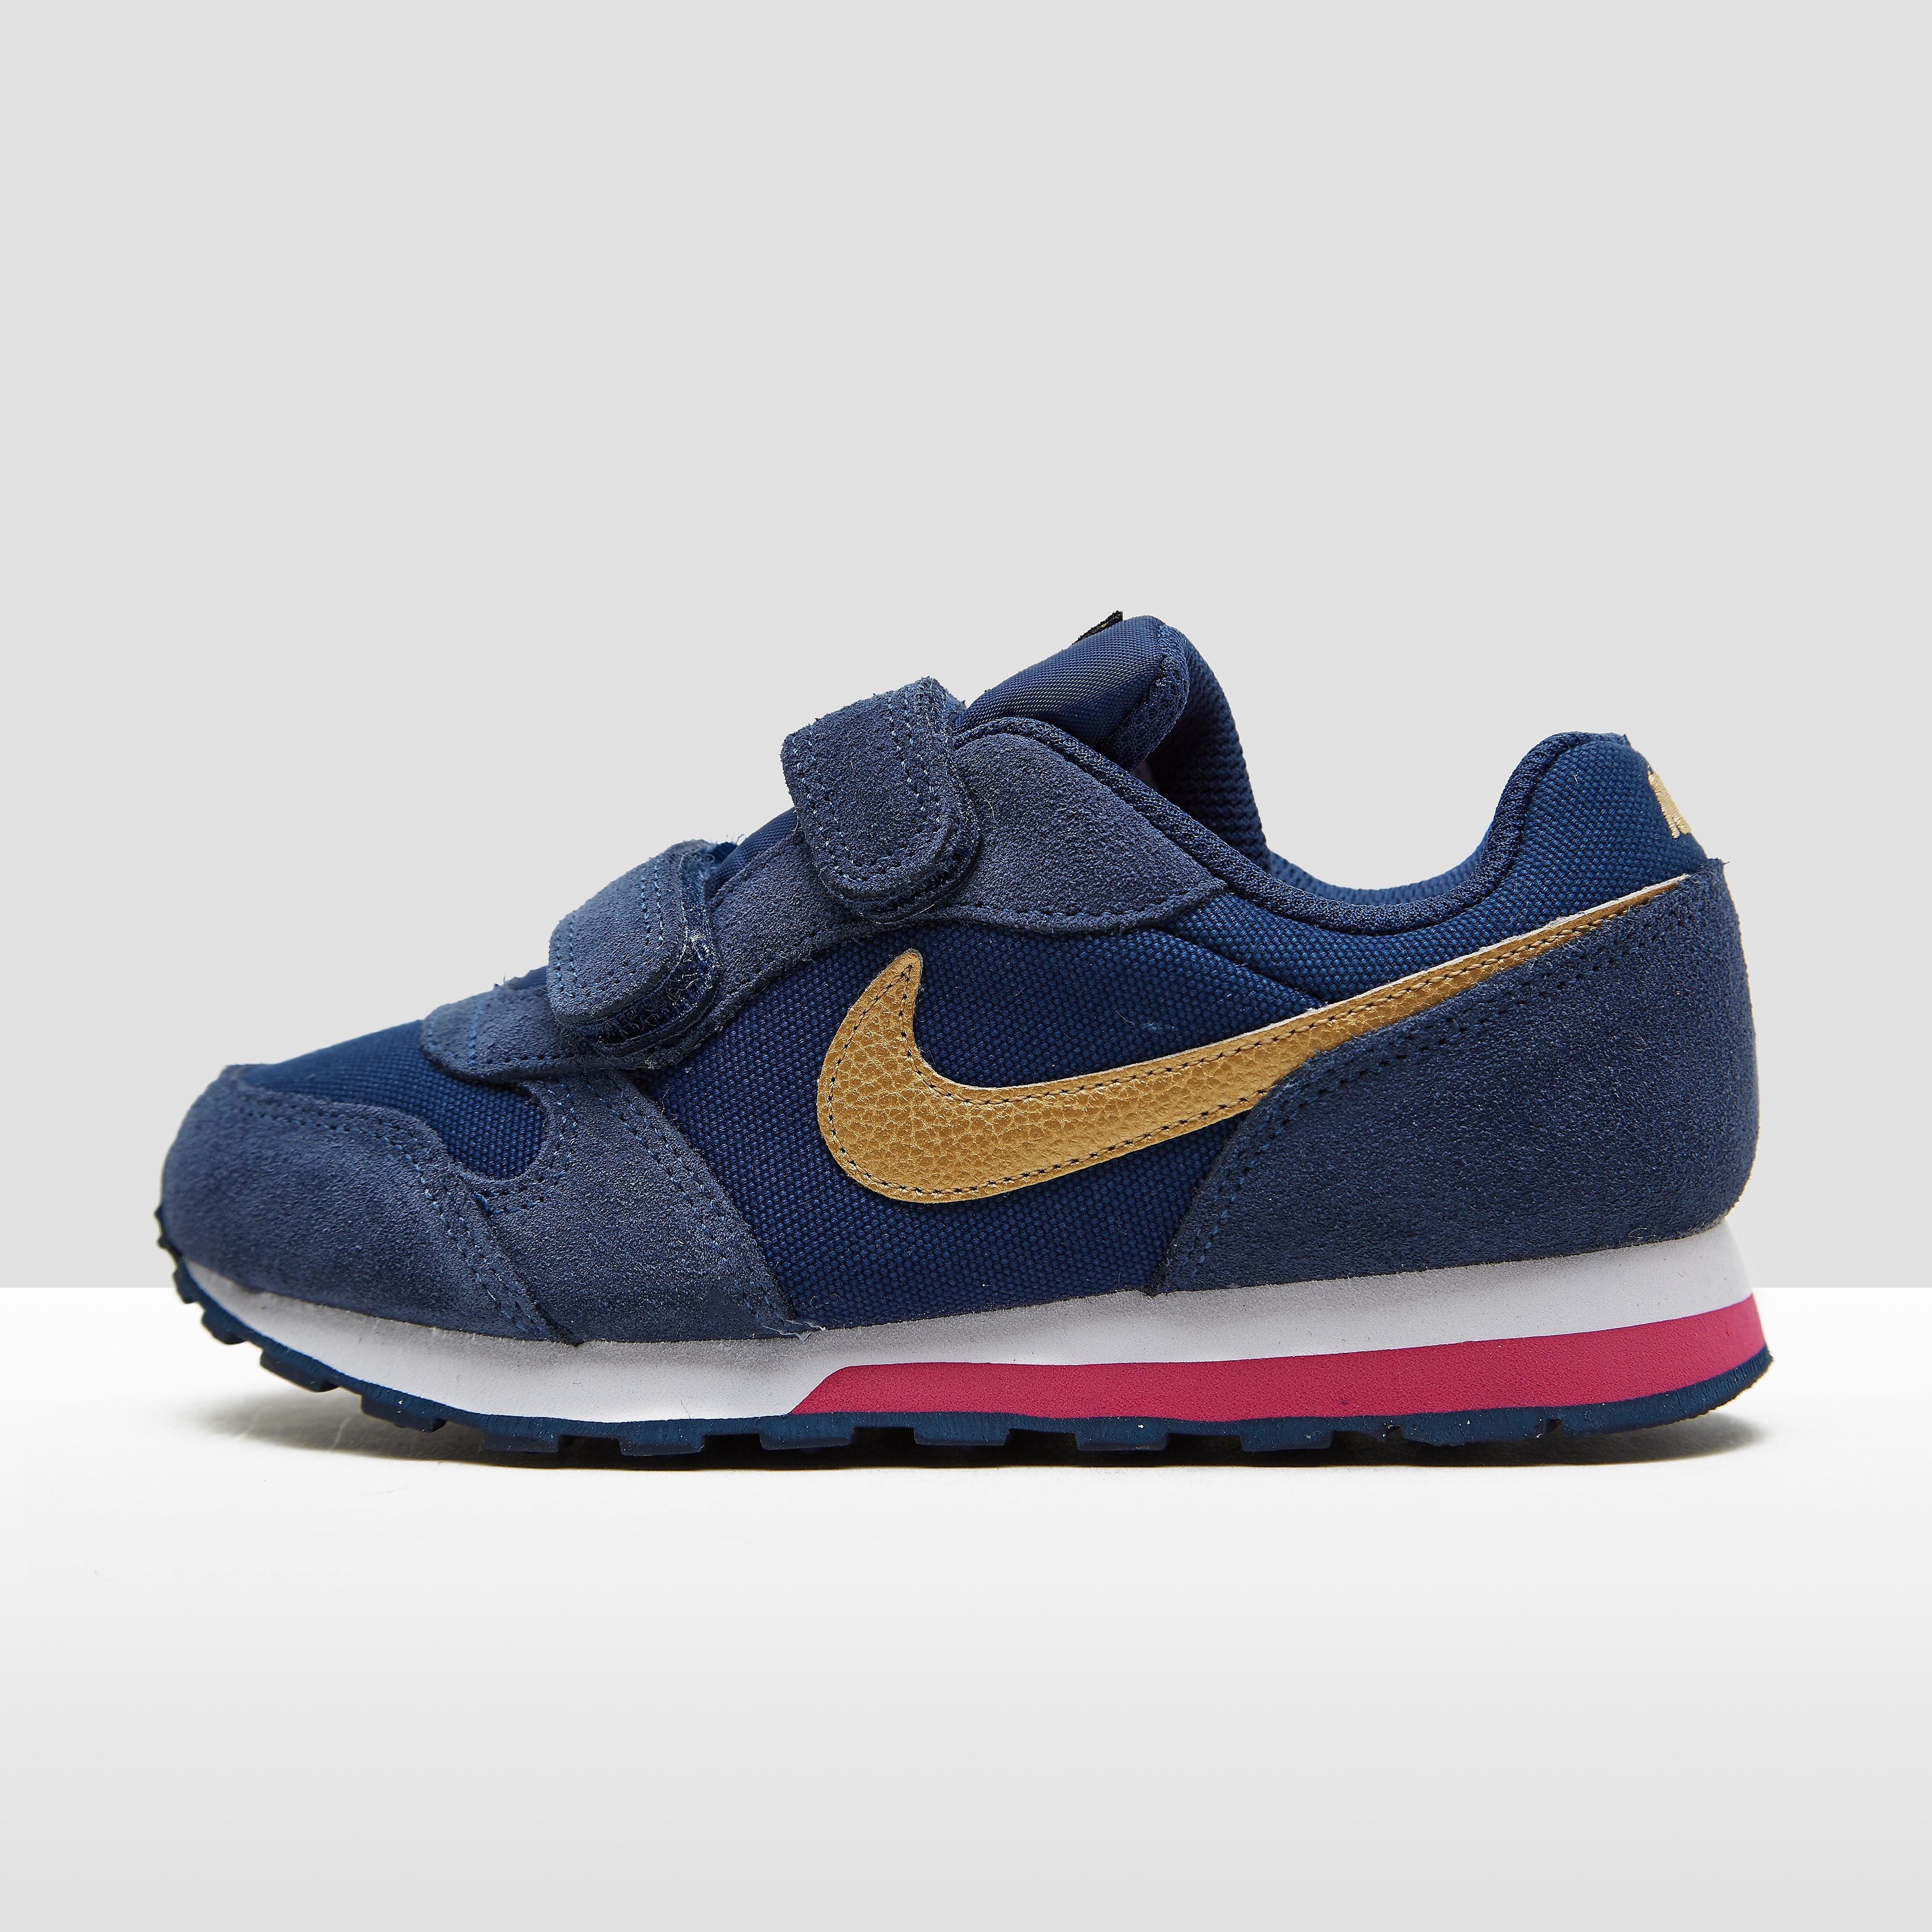 Nike MD Runner kindersneaker blauw en roze